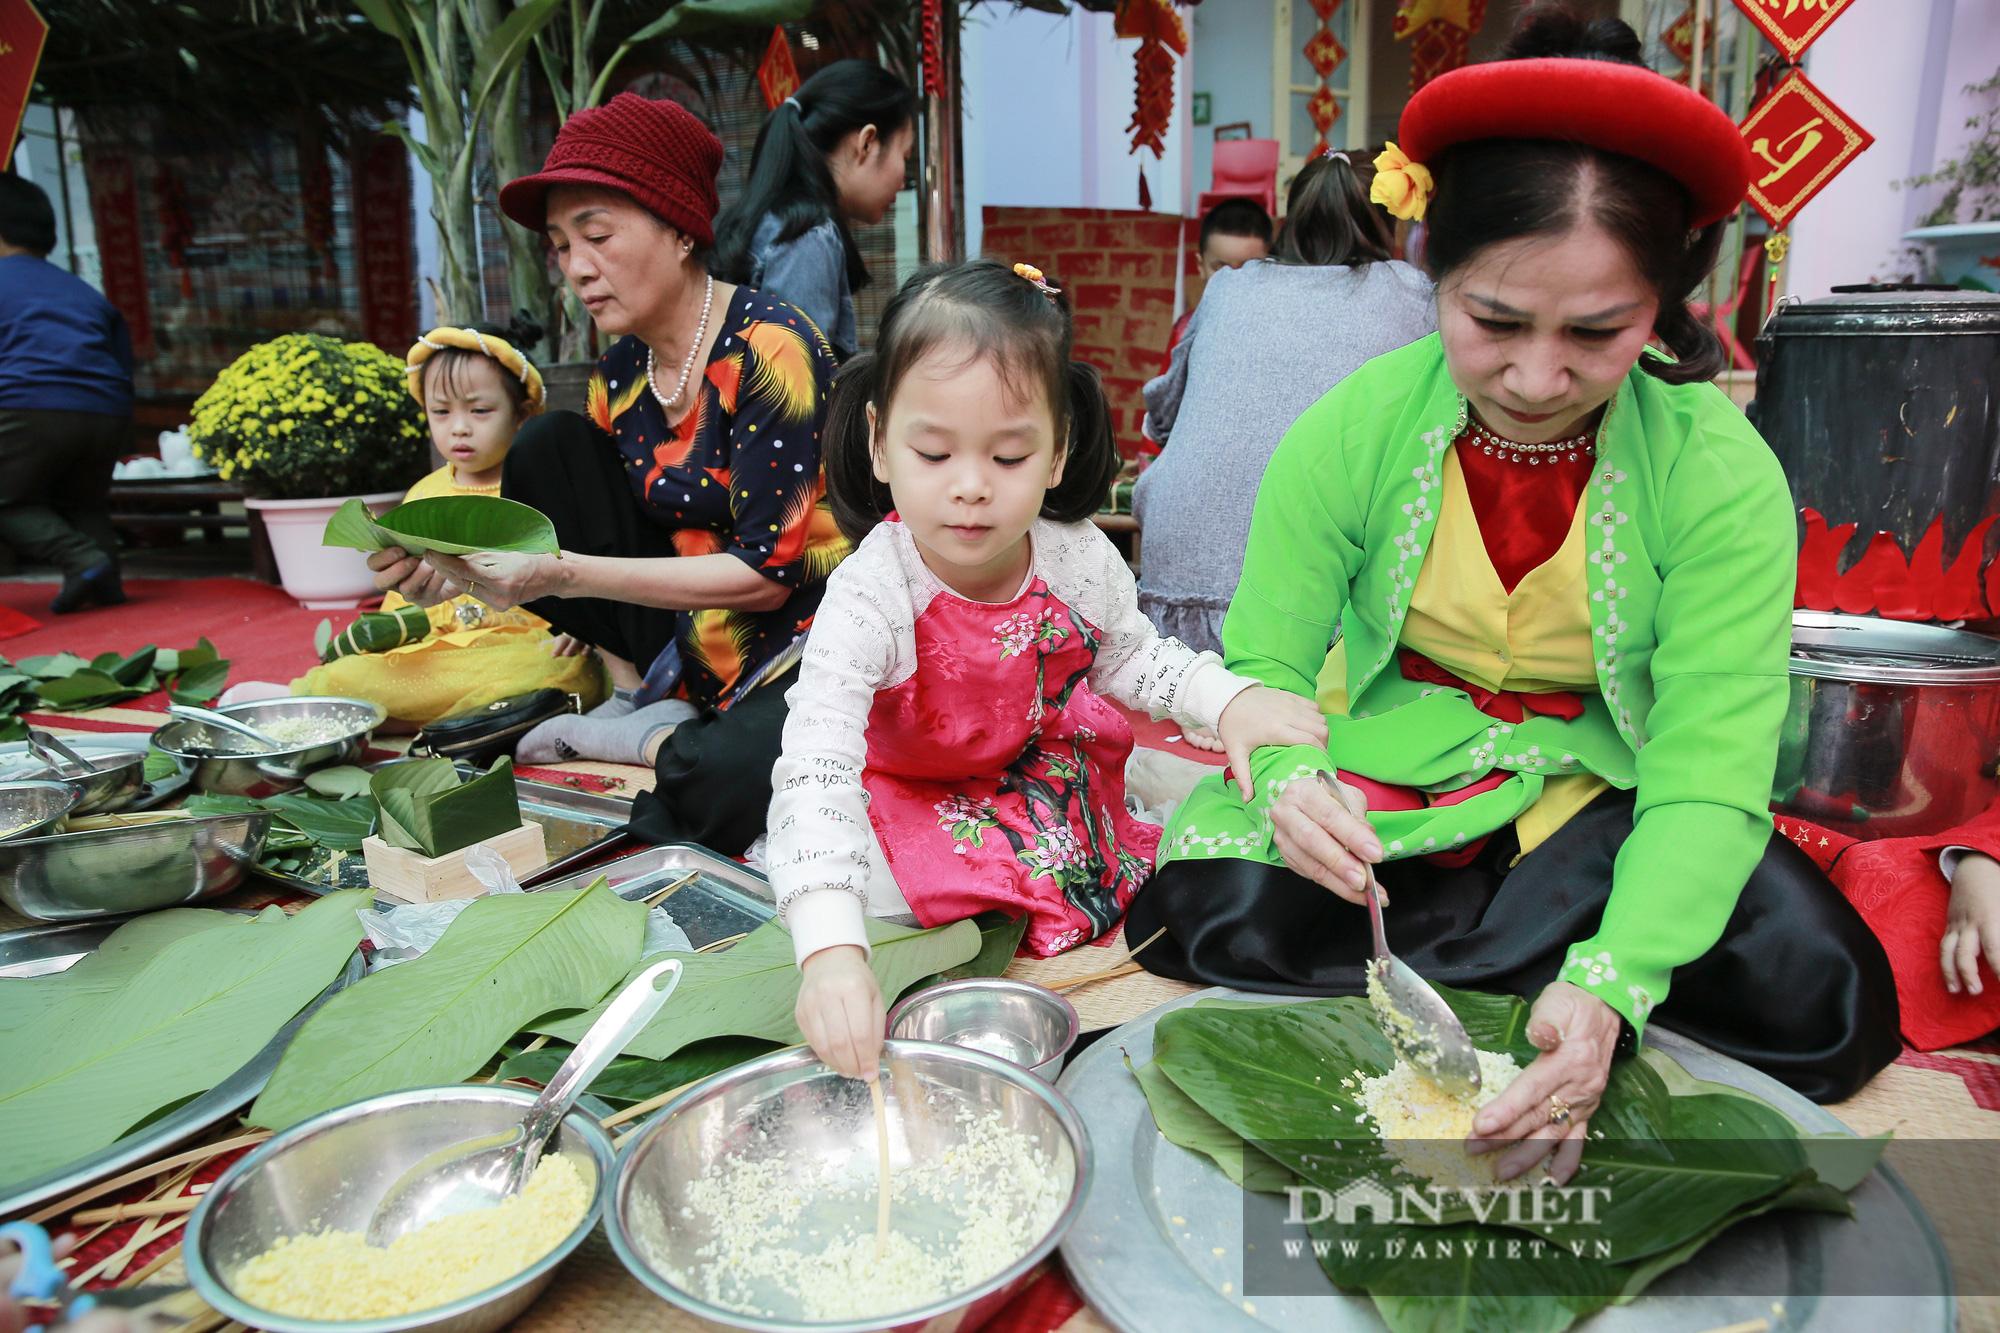 Trẻ em Hà Nội hào hứng khi lần đầu được gói bánh chưng cùng cha mẹ - Ảnh 2.